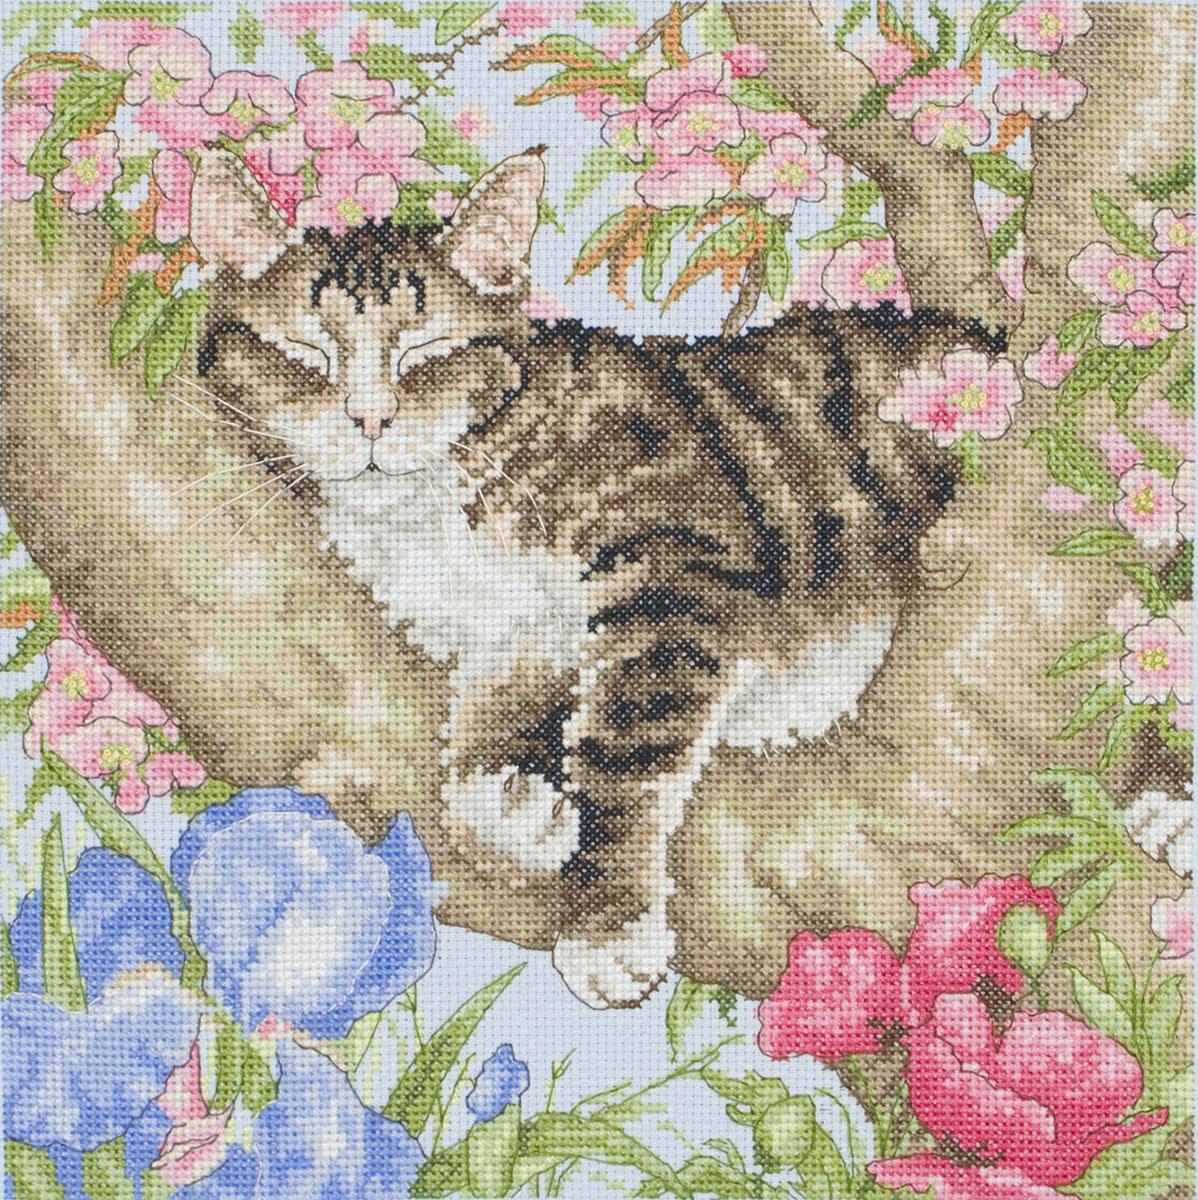 Набор для вышивания крестом Спящая кошка, 25 х 25 смAPC953В наборе для вышивания крестом Спящая кошка есть все необходимое для создания роскошной интерьерной картины: обработанная канва Аида 14 голубого цвета, хлопковые нитки мулине, символьная схема, 1 игла, инструкция по вышиванию на русском языке. Необычайной красоты рисунок-вышивка с красочным изображением милой спящей кошке на цветущем дереве привлечет к себе внимание и будет потрясающе смотреться в интерьере вашего помещения, особенно в интерьере детской комнаты. Вышивание крестом отвлечет вас от повседневных забот и превратится в увлекательное занятие! Работа, сделанная своими руками, создаст особый уют и атмосферу в доме, и долгие годы будет радовать вас и ваших близких.